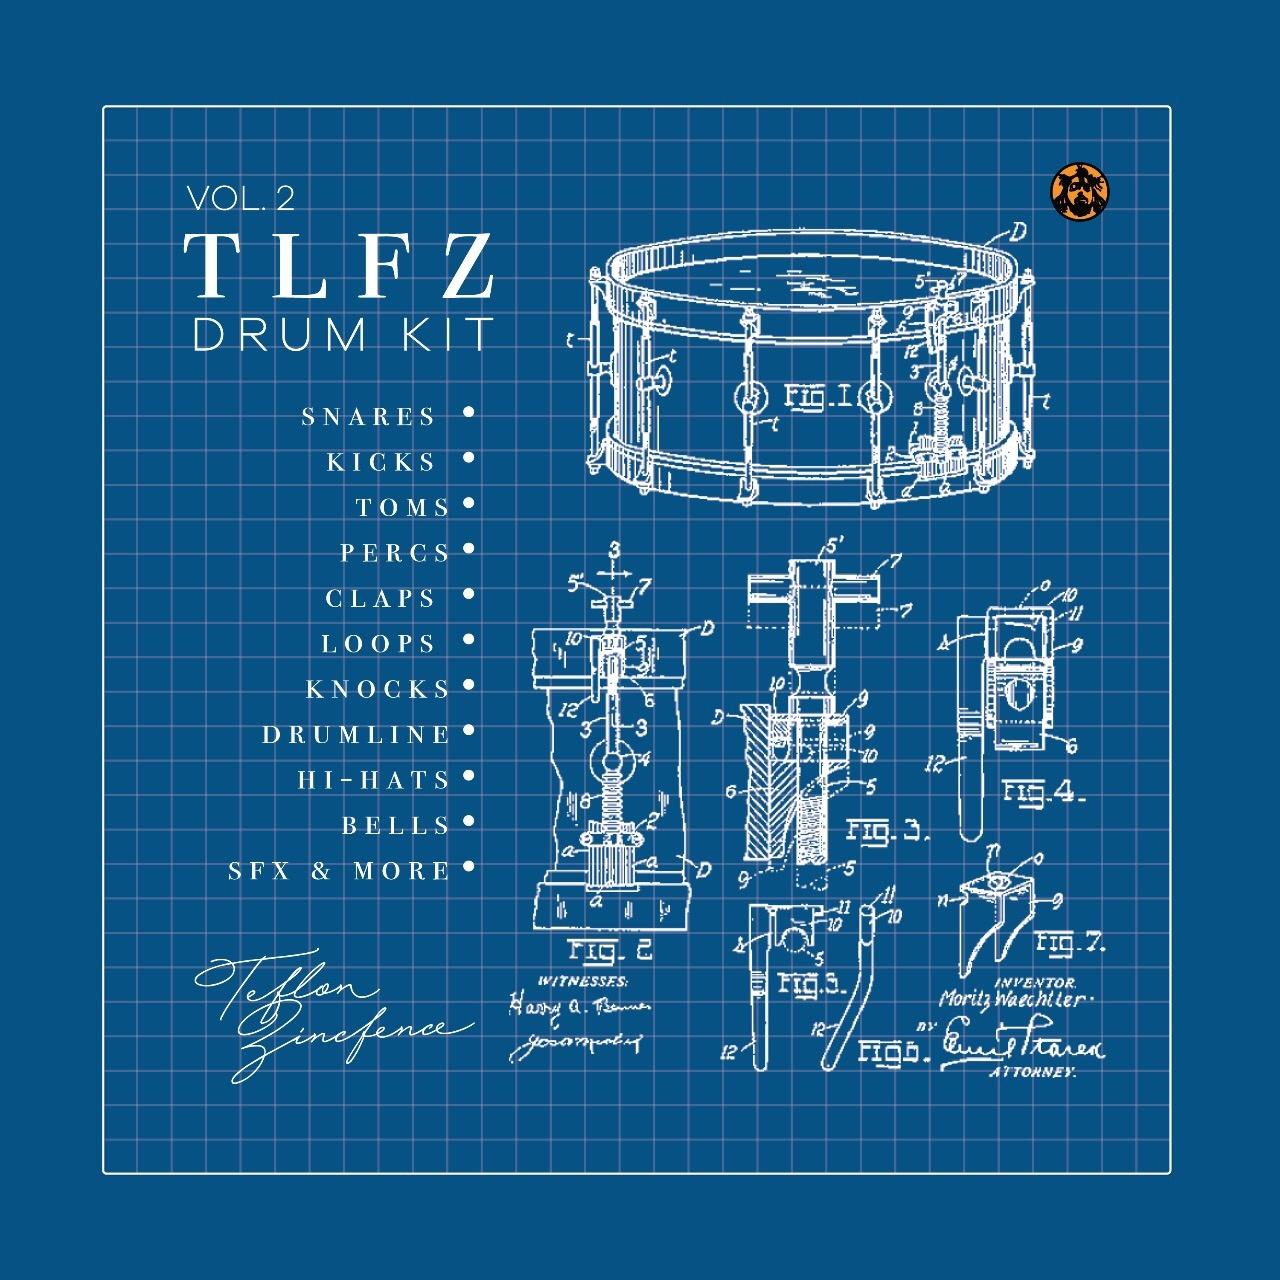 T L F Z  Vol 2